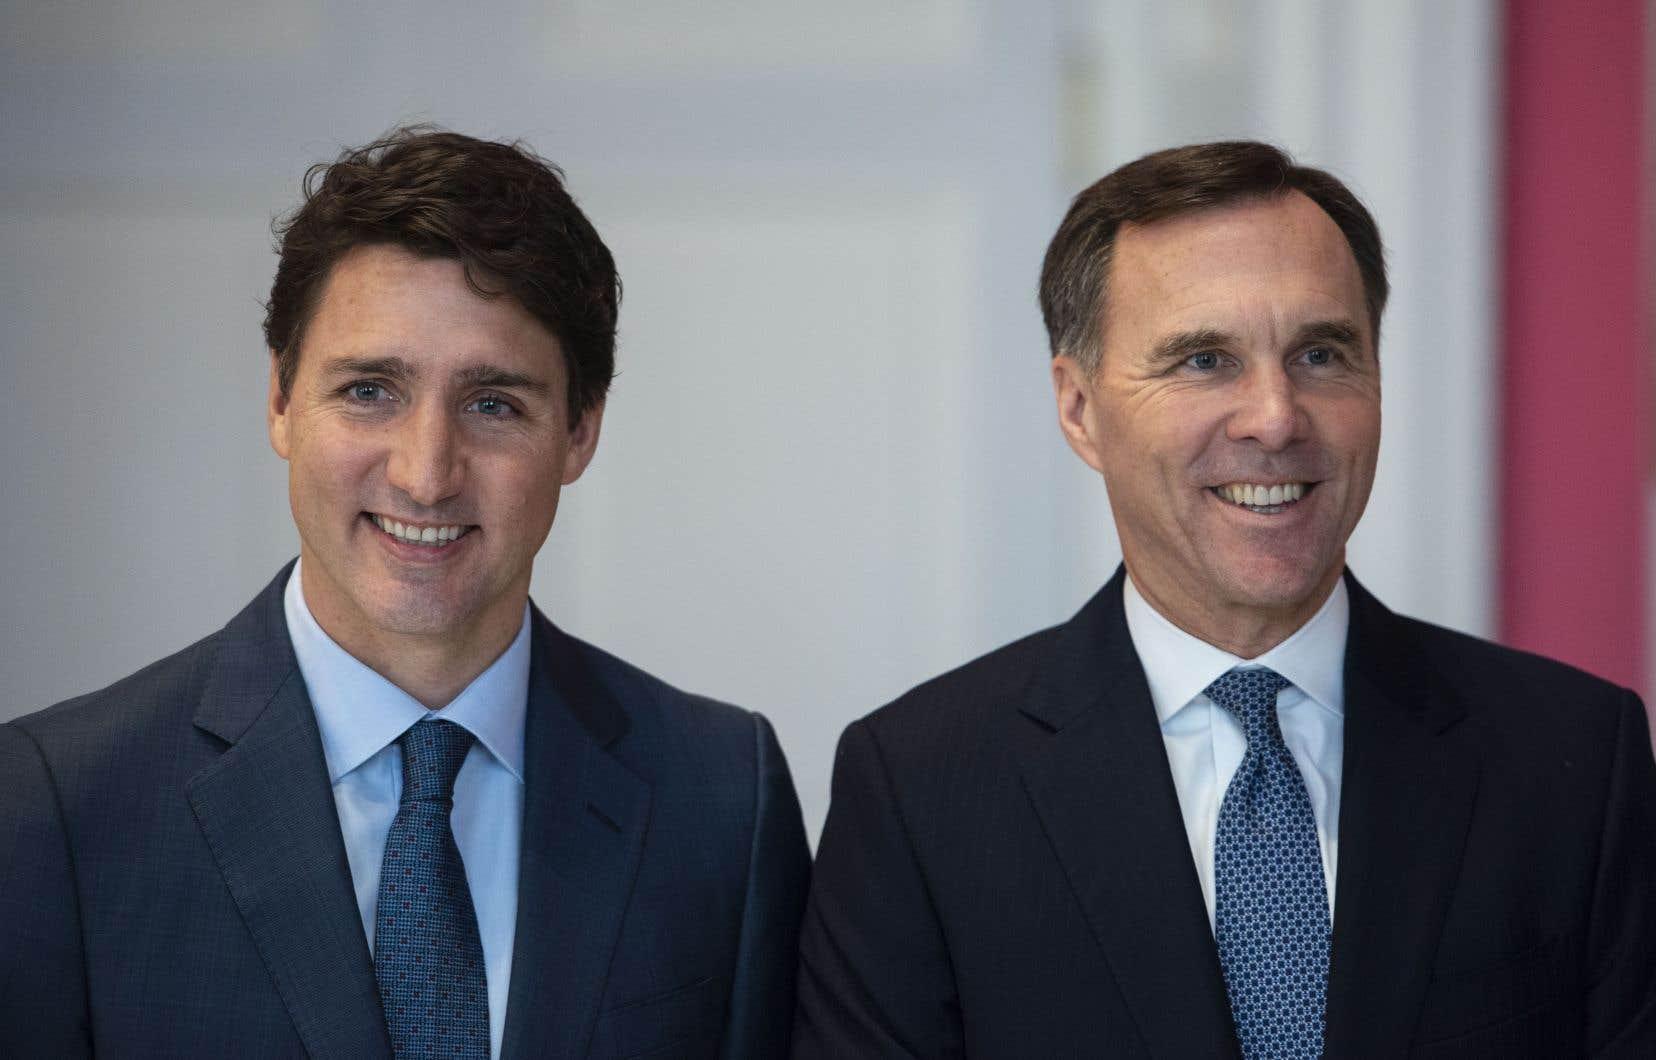 Le premier ministre fédéral, Justin Trudeau, et son ex-ministre des Finances, Bill Morneau